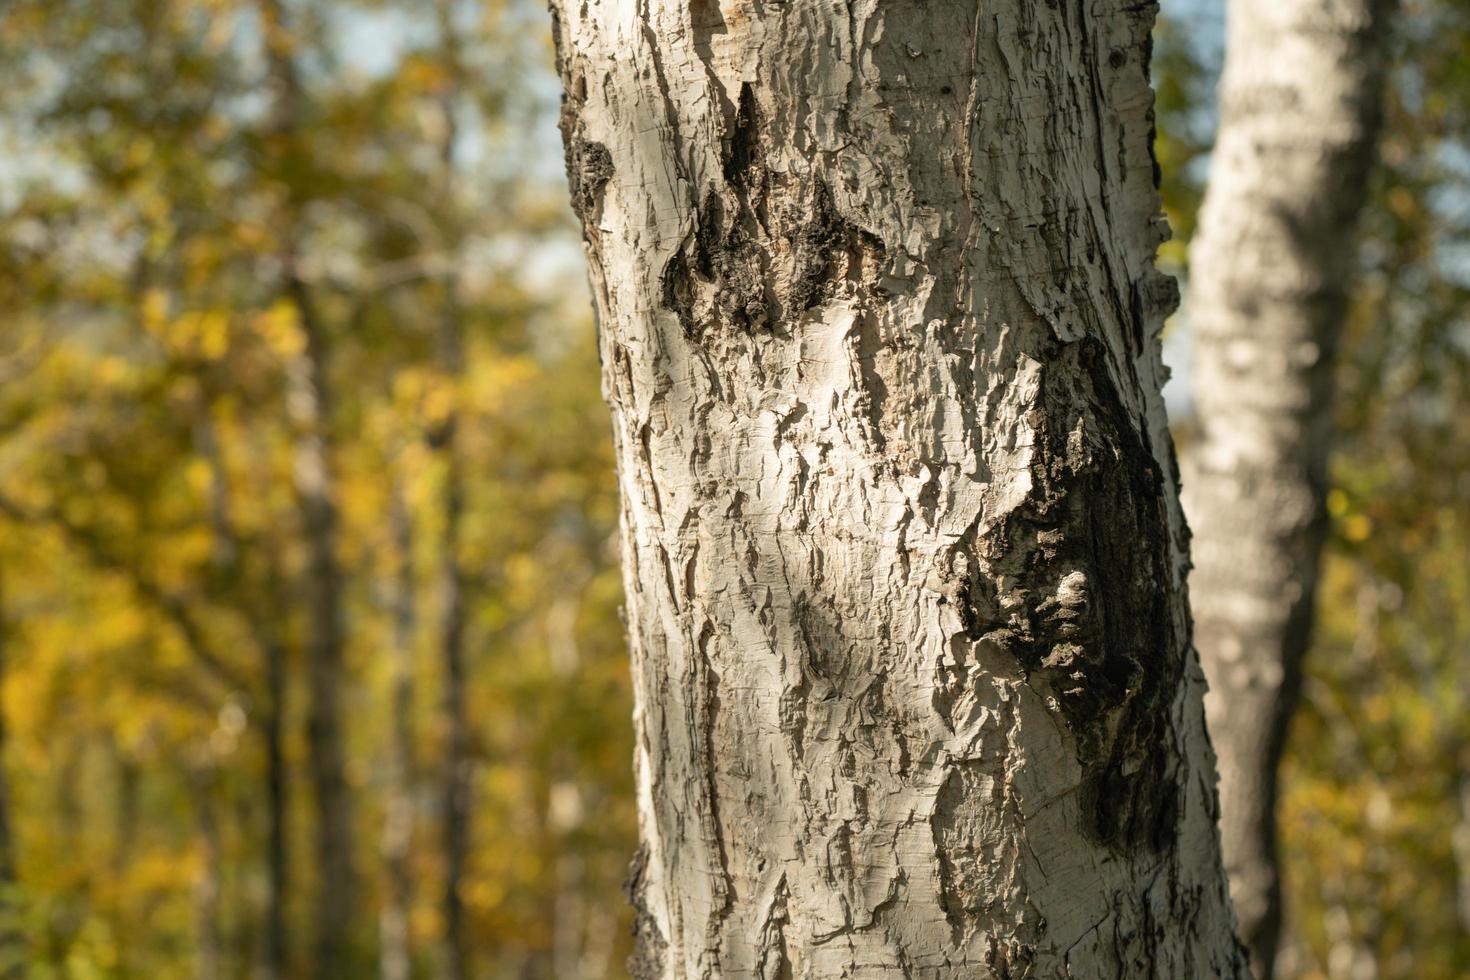 fond naturel avec vue sur un tronc d'arbre photo